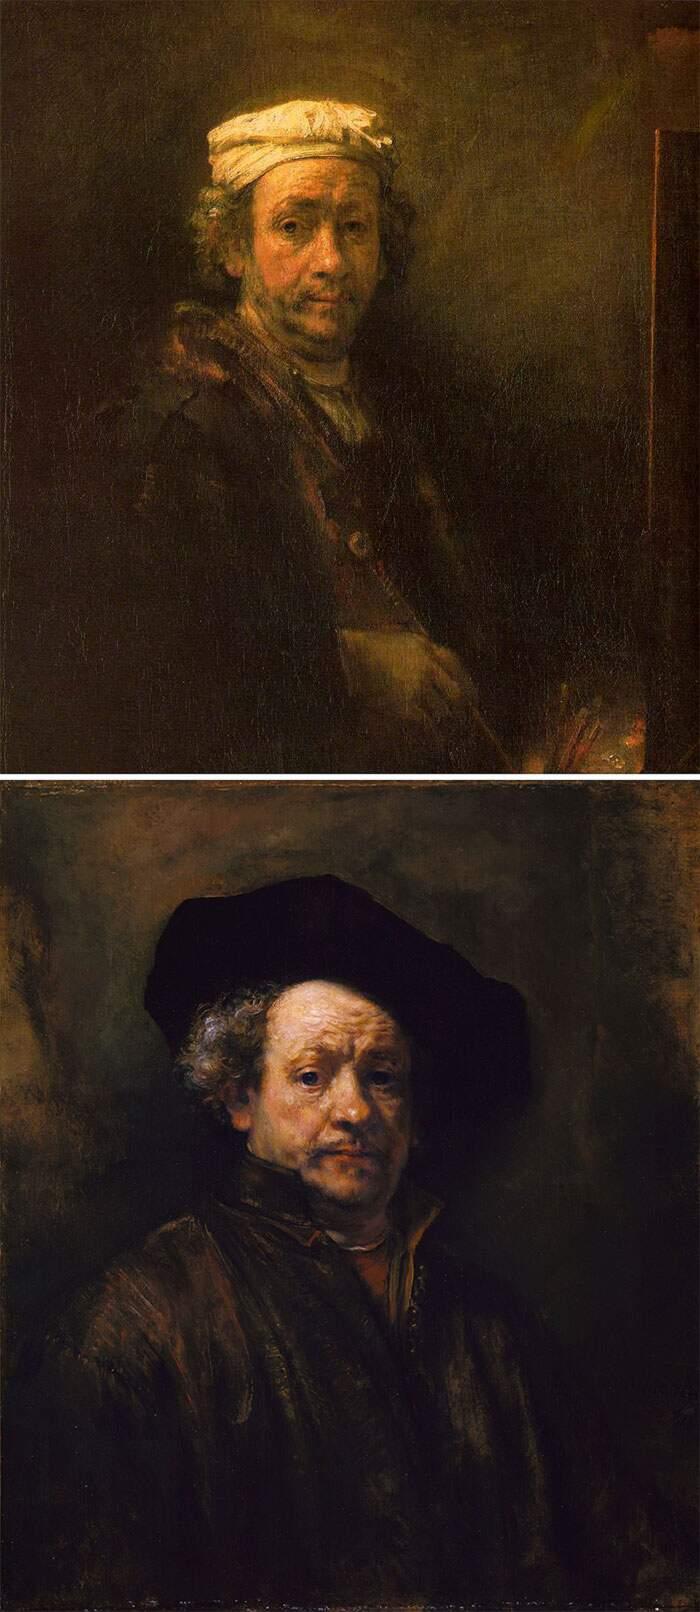 Come riconoscere artisti famosi dai loro quadri, Rembrandt Harmenszoon van Rijn